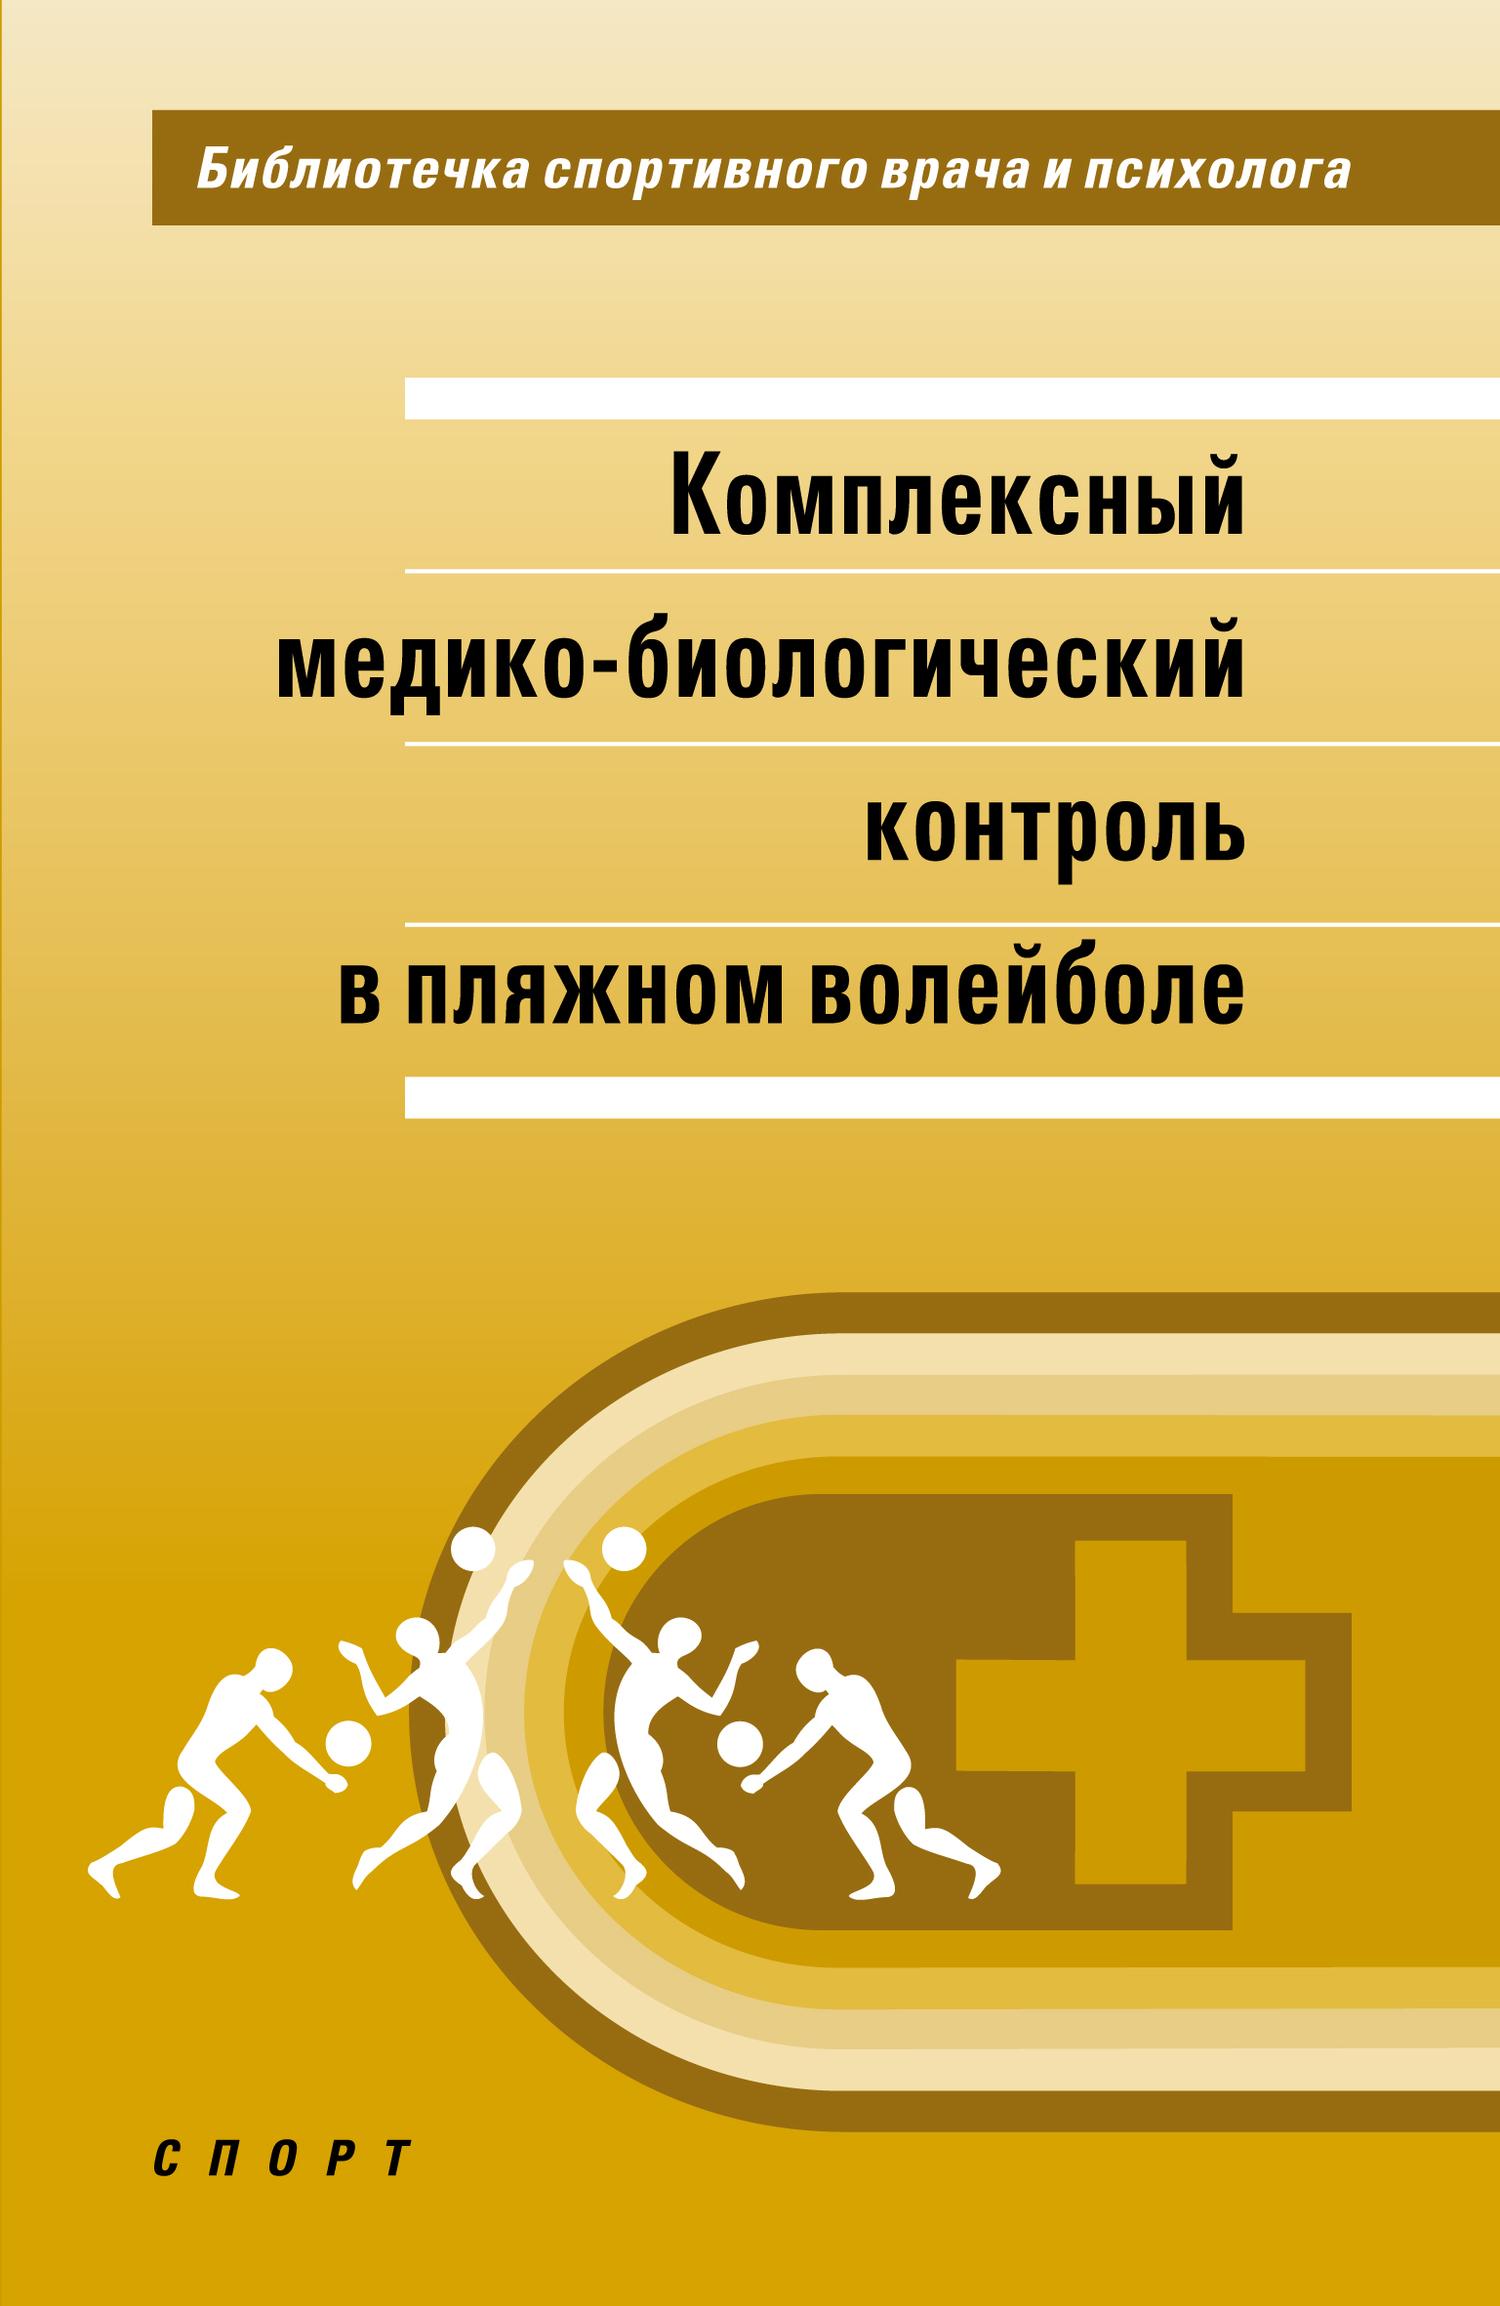 Н. И. Кочеткова Комплексный медико-биологический контроль в пляжном волейболе стойки для пляжного волейбола без сетки hercules 2248